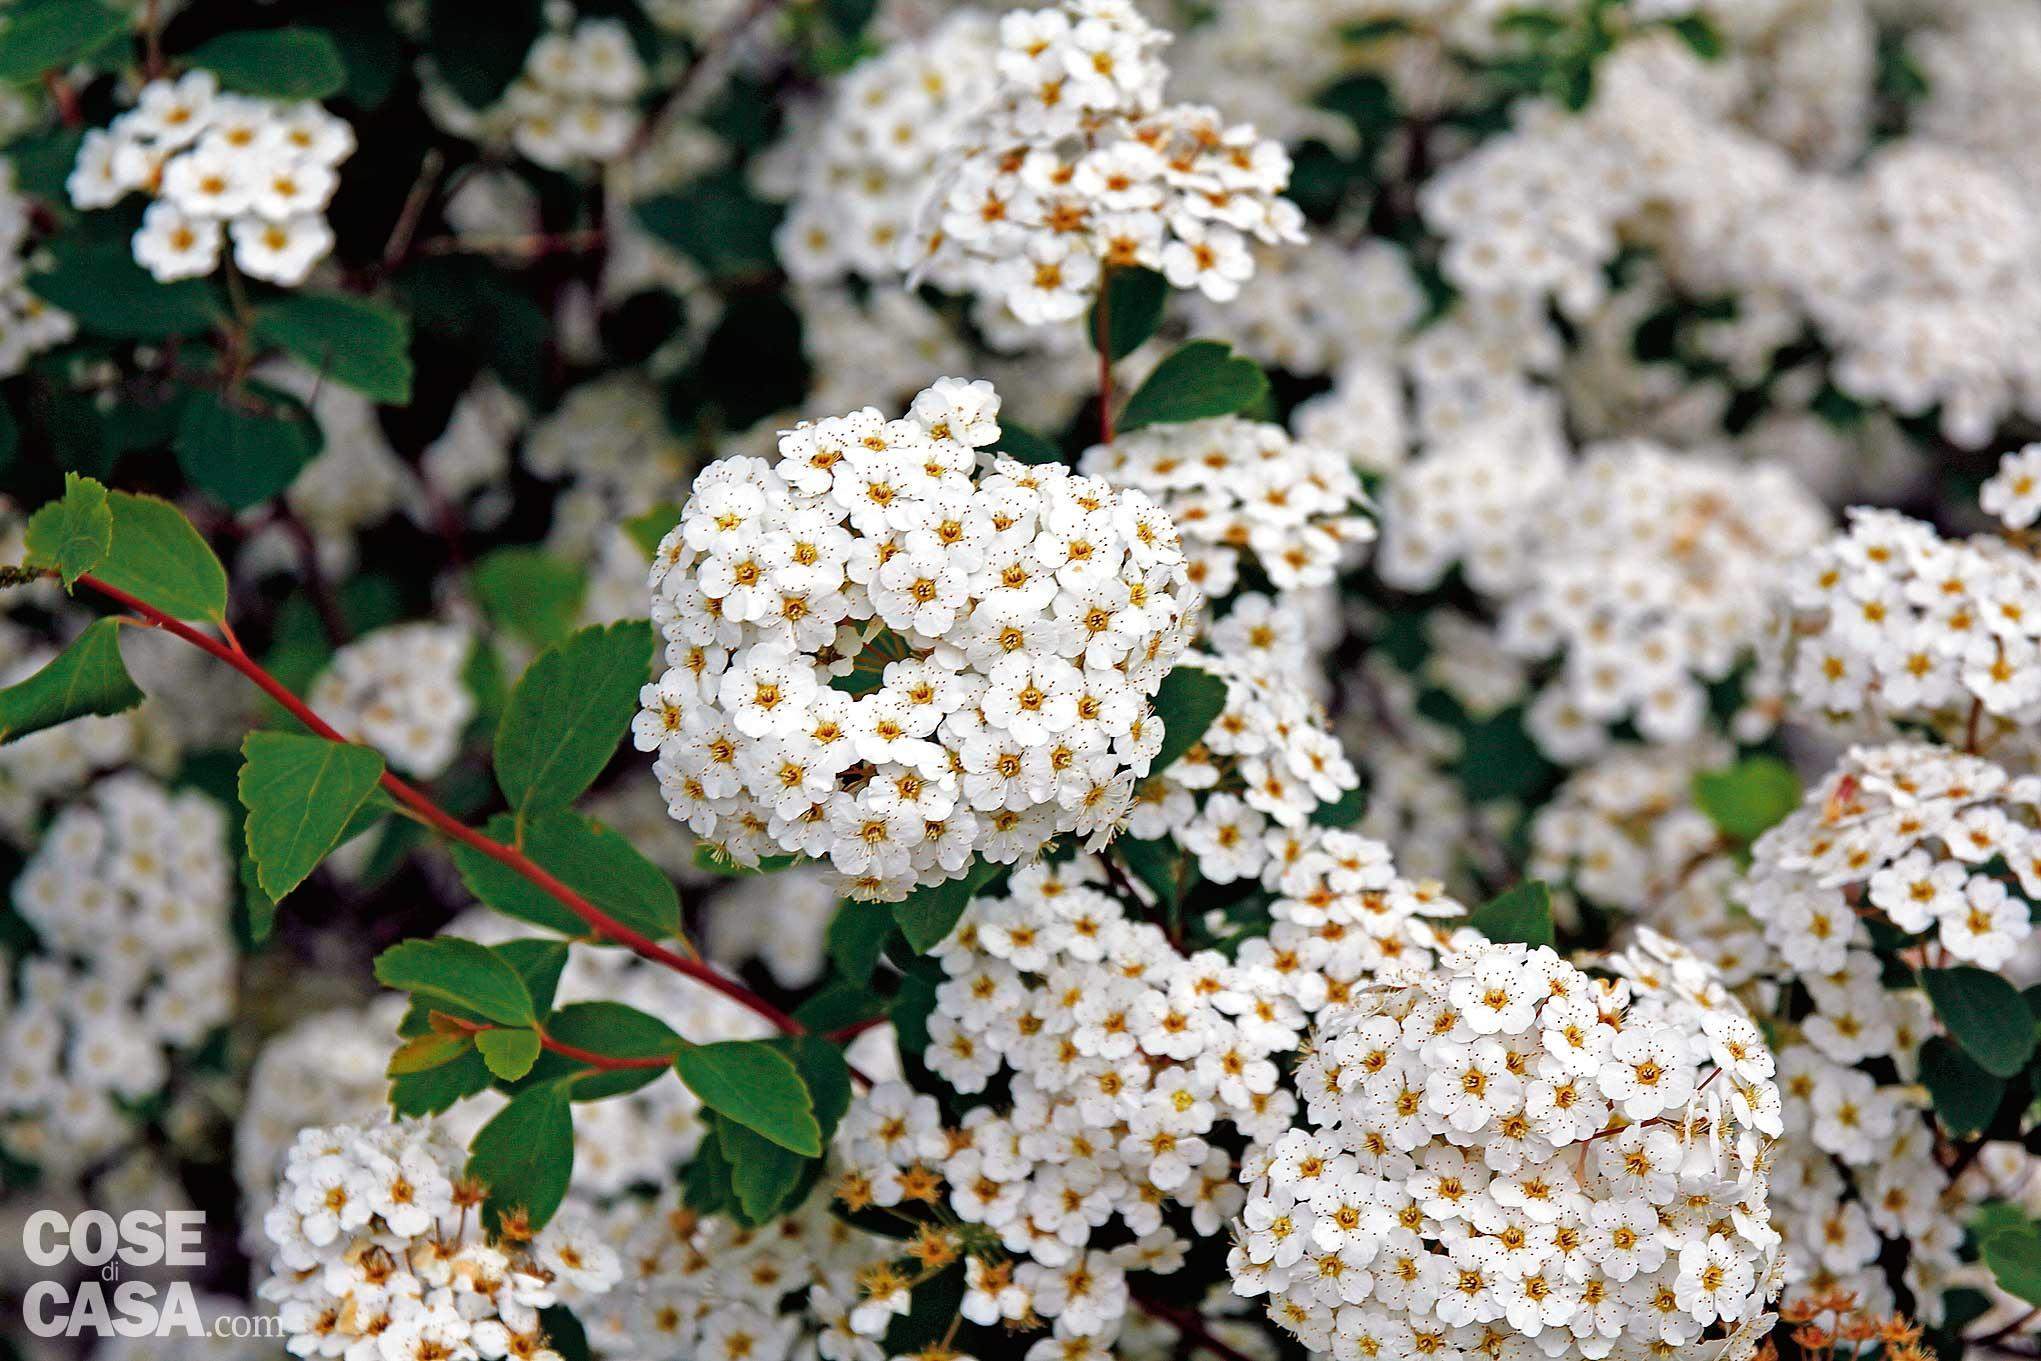 La siepe fiorita tutto l'anno Cose di Casa